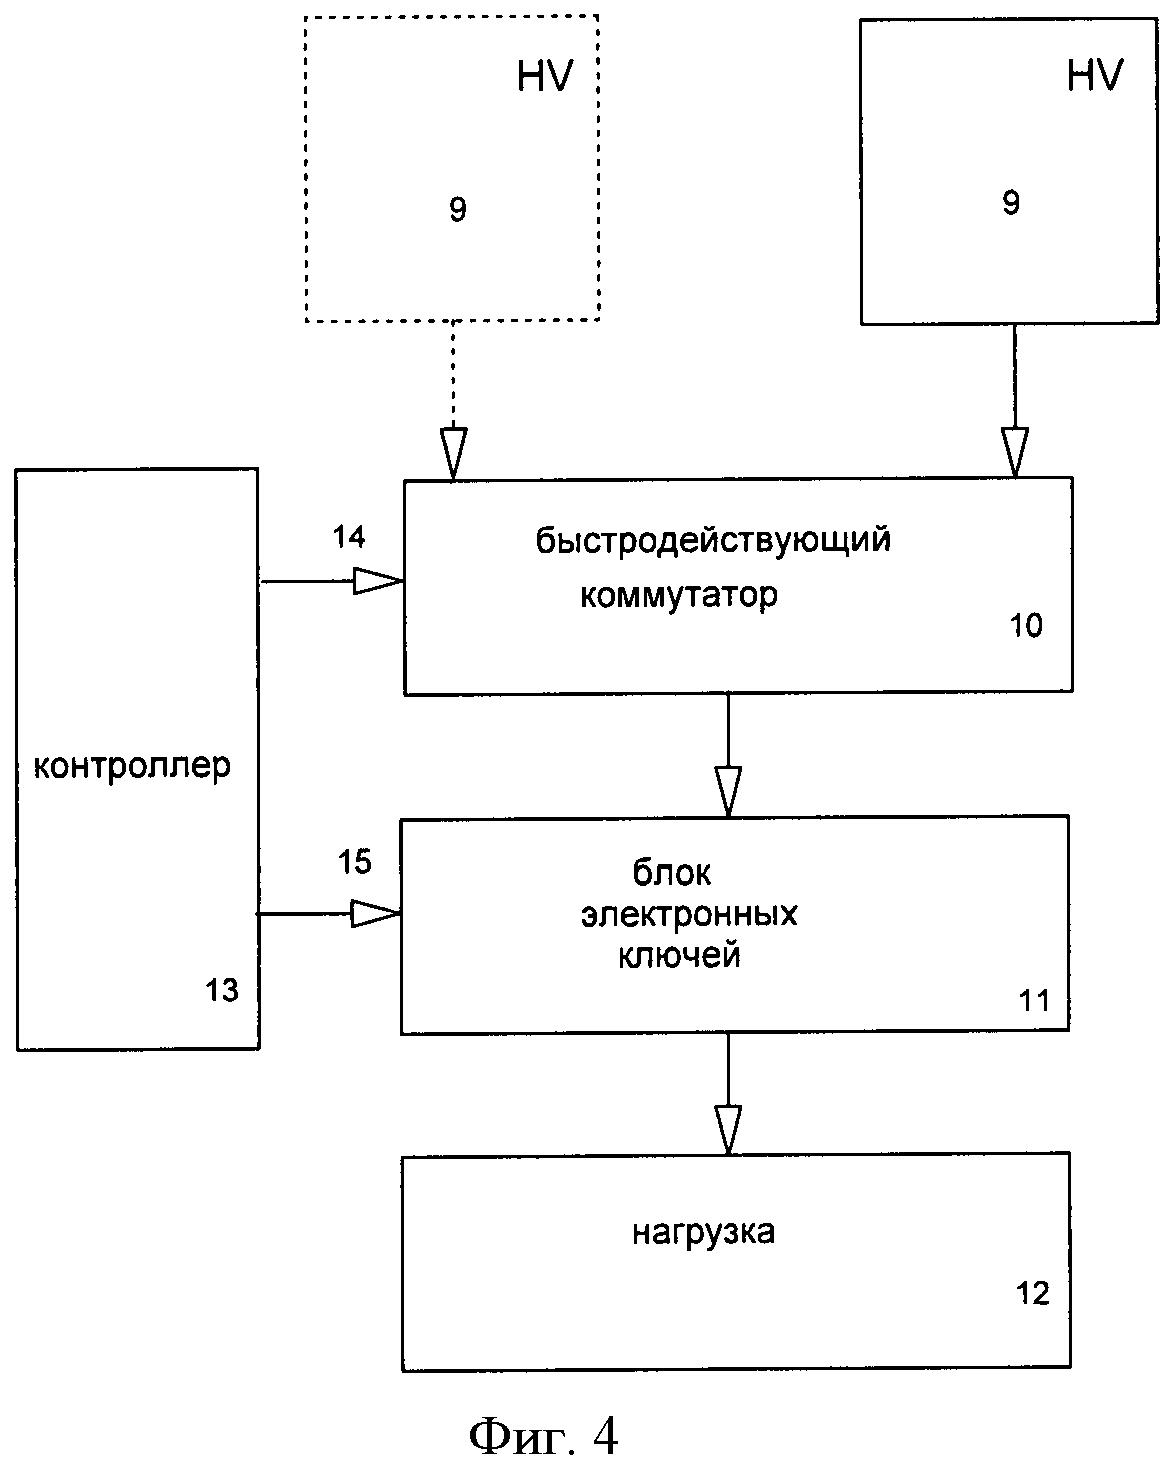 Высоковольтный коммутатор с динамическим ограничением энергии